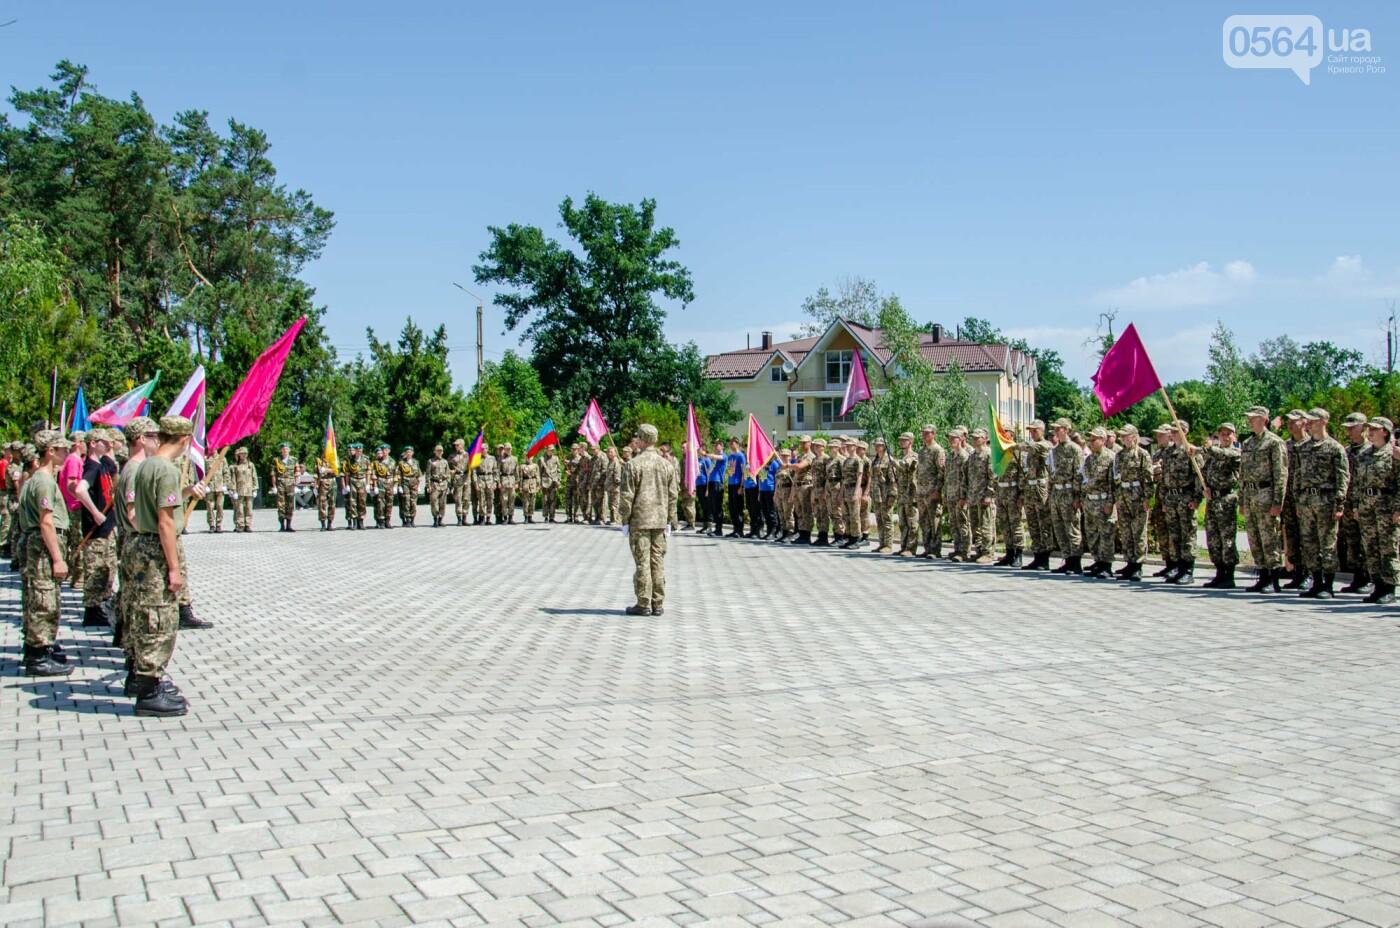 Криворожские школьники приняли участие в областном этапе военно-патриотической игры «Джура», - ФОТО, фото-5